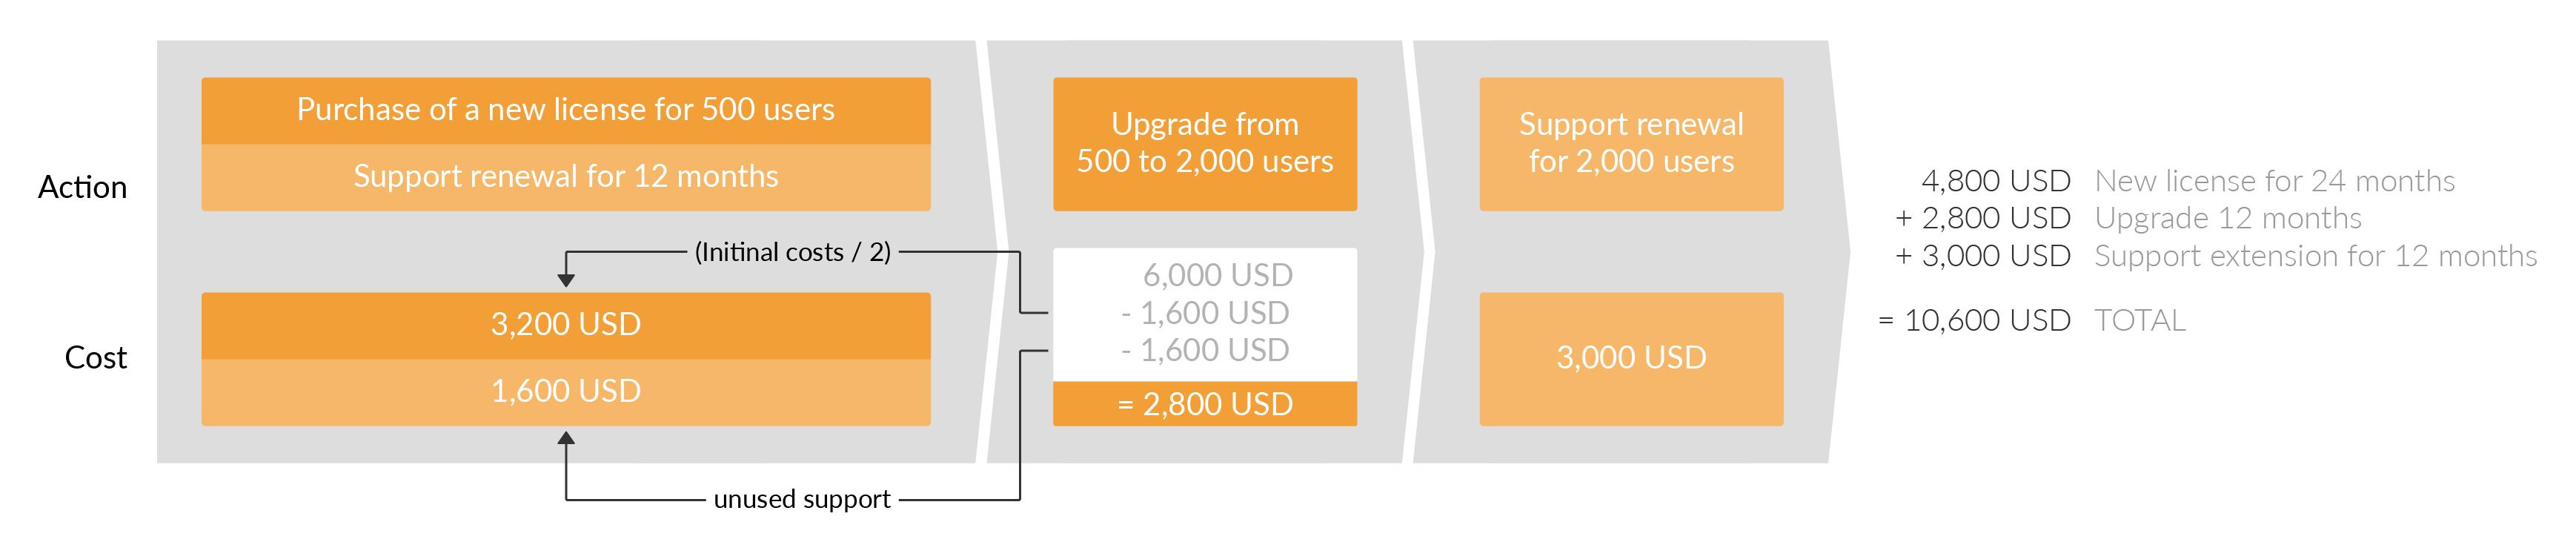 在Atlassian,您最多可以提前24个月购买服务器许可证的支持。 这意味着您最初会购买新的许可证,但是您也将直接投资于支持续订,而不是在一年后续订。 如果您想在第一个支持年内进行升级,那么对于现在失去的第二年支持,您将获得全额退款。